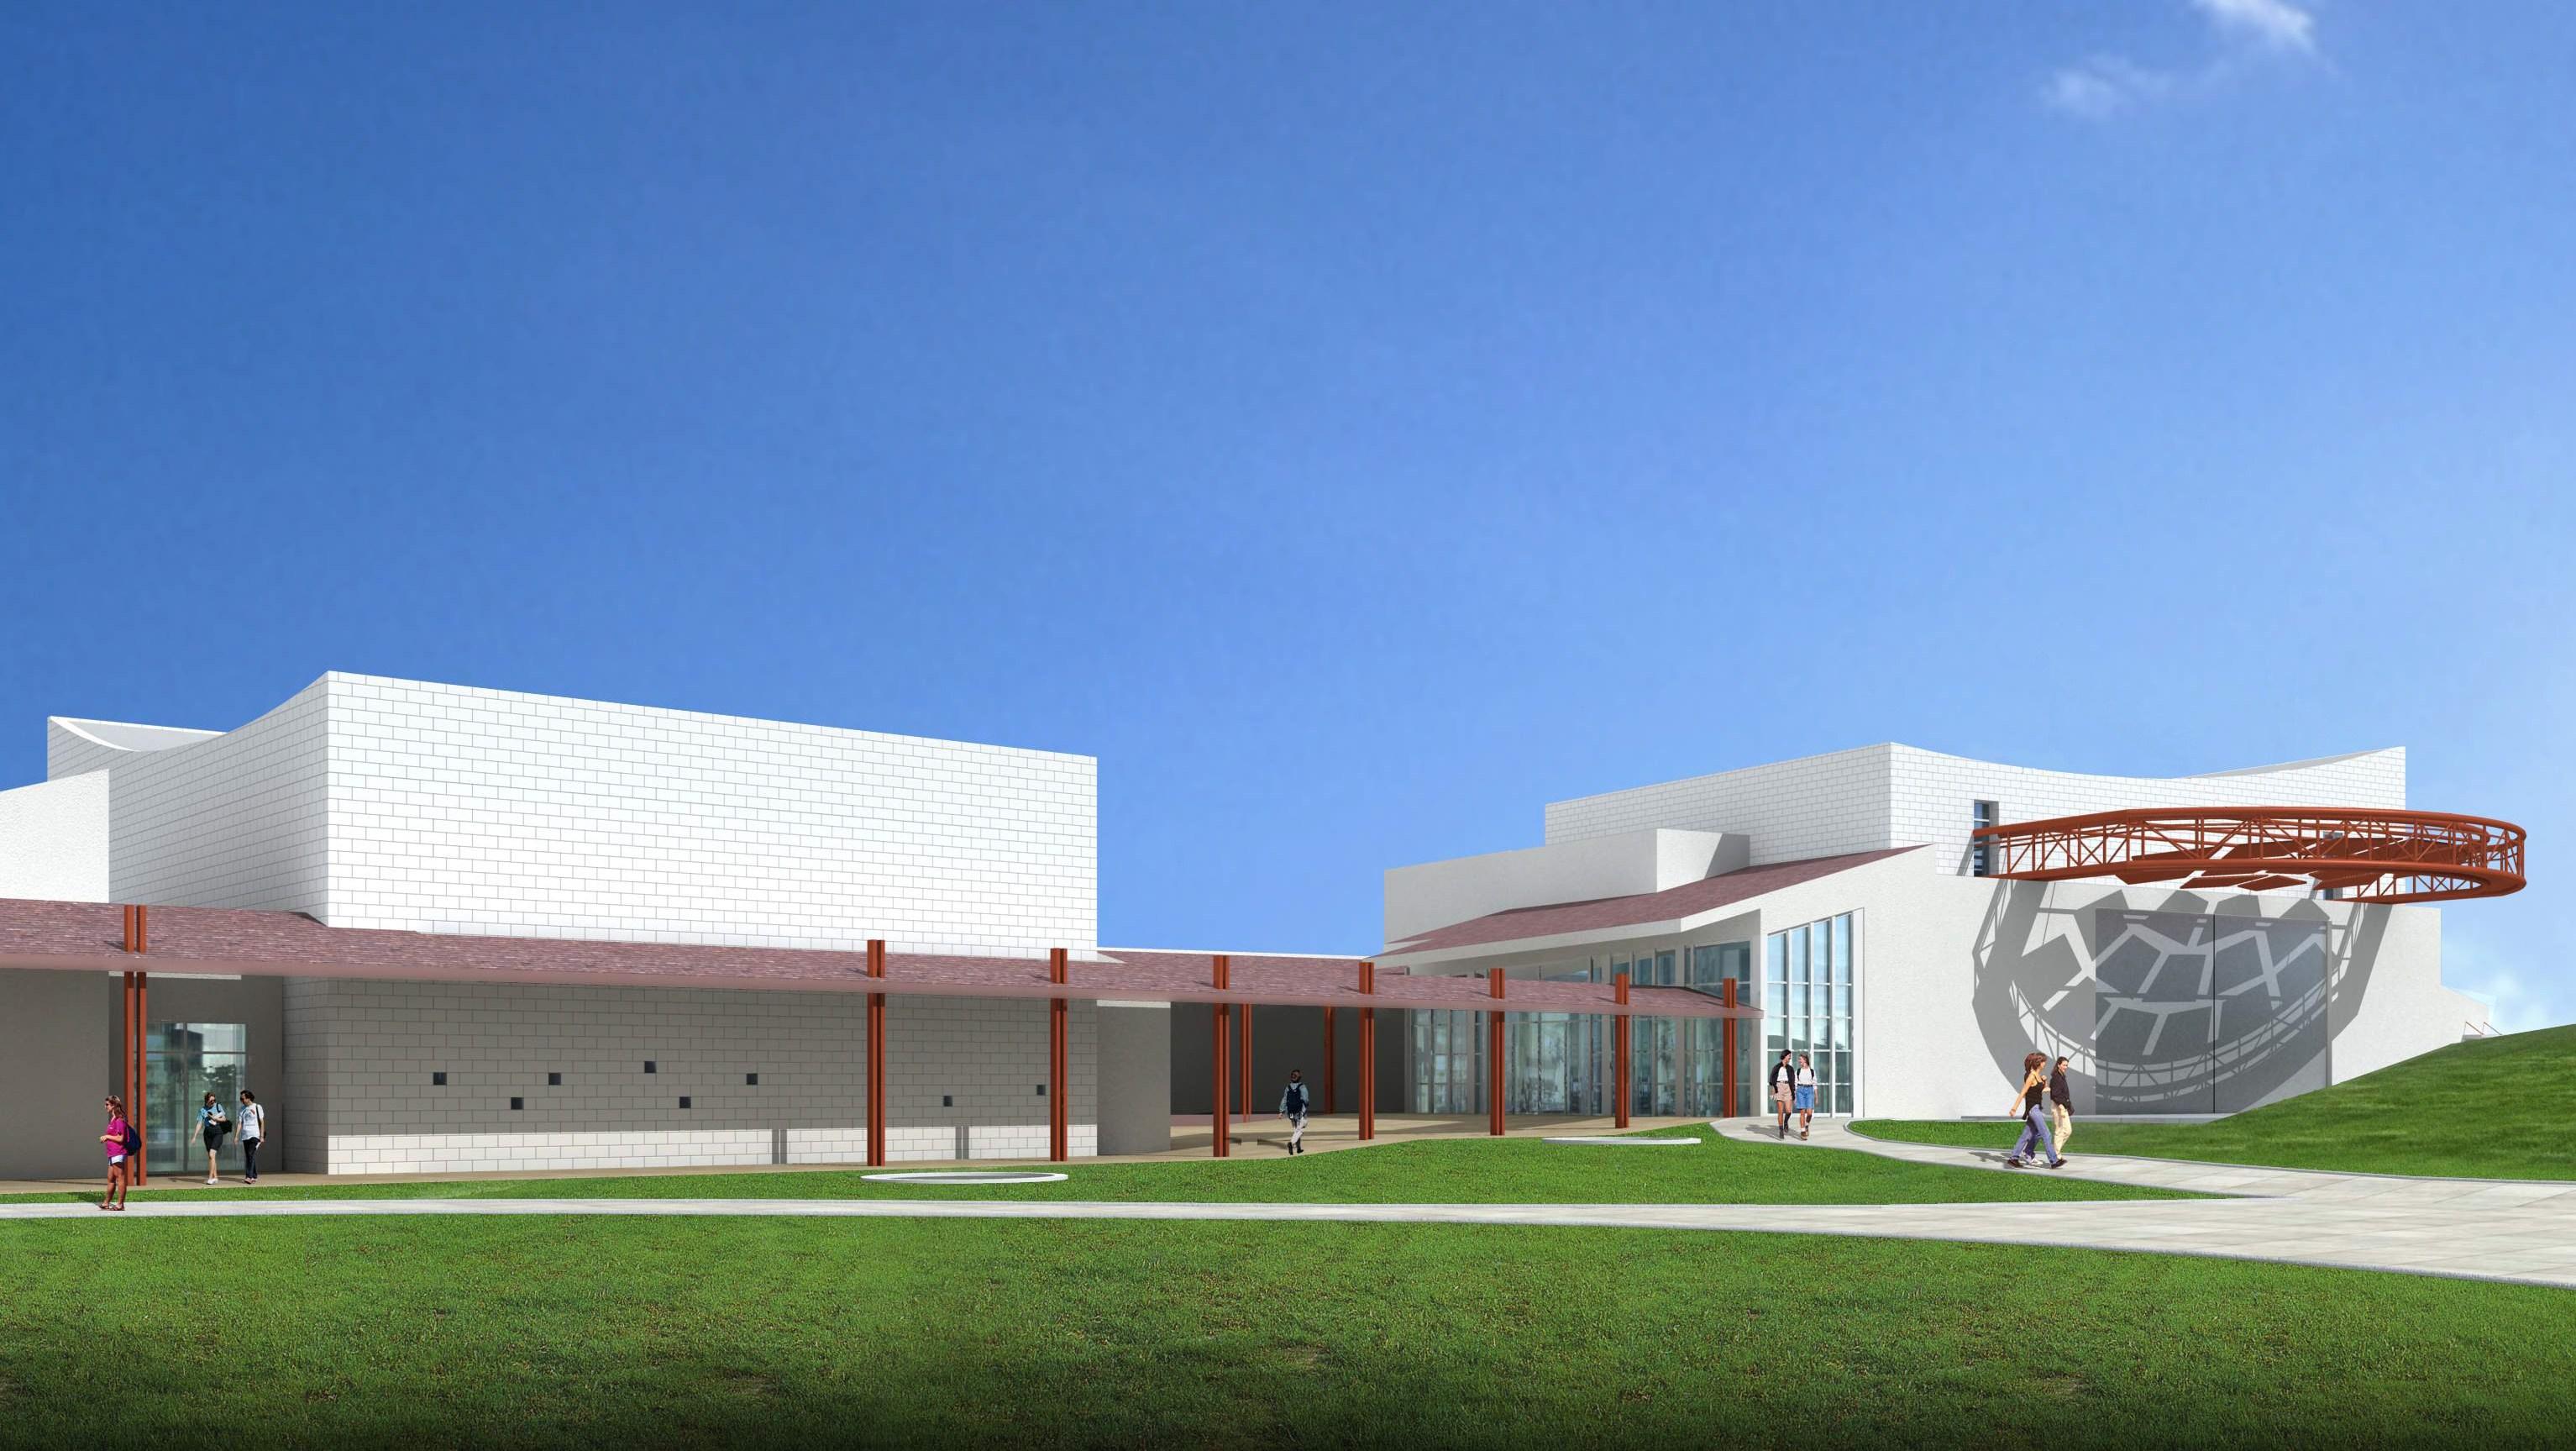 San Dieguito Academy